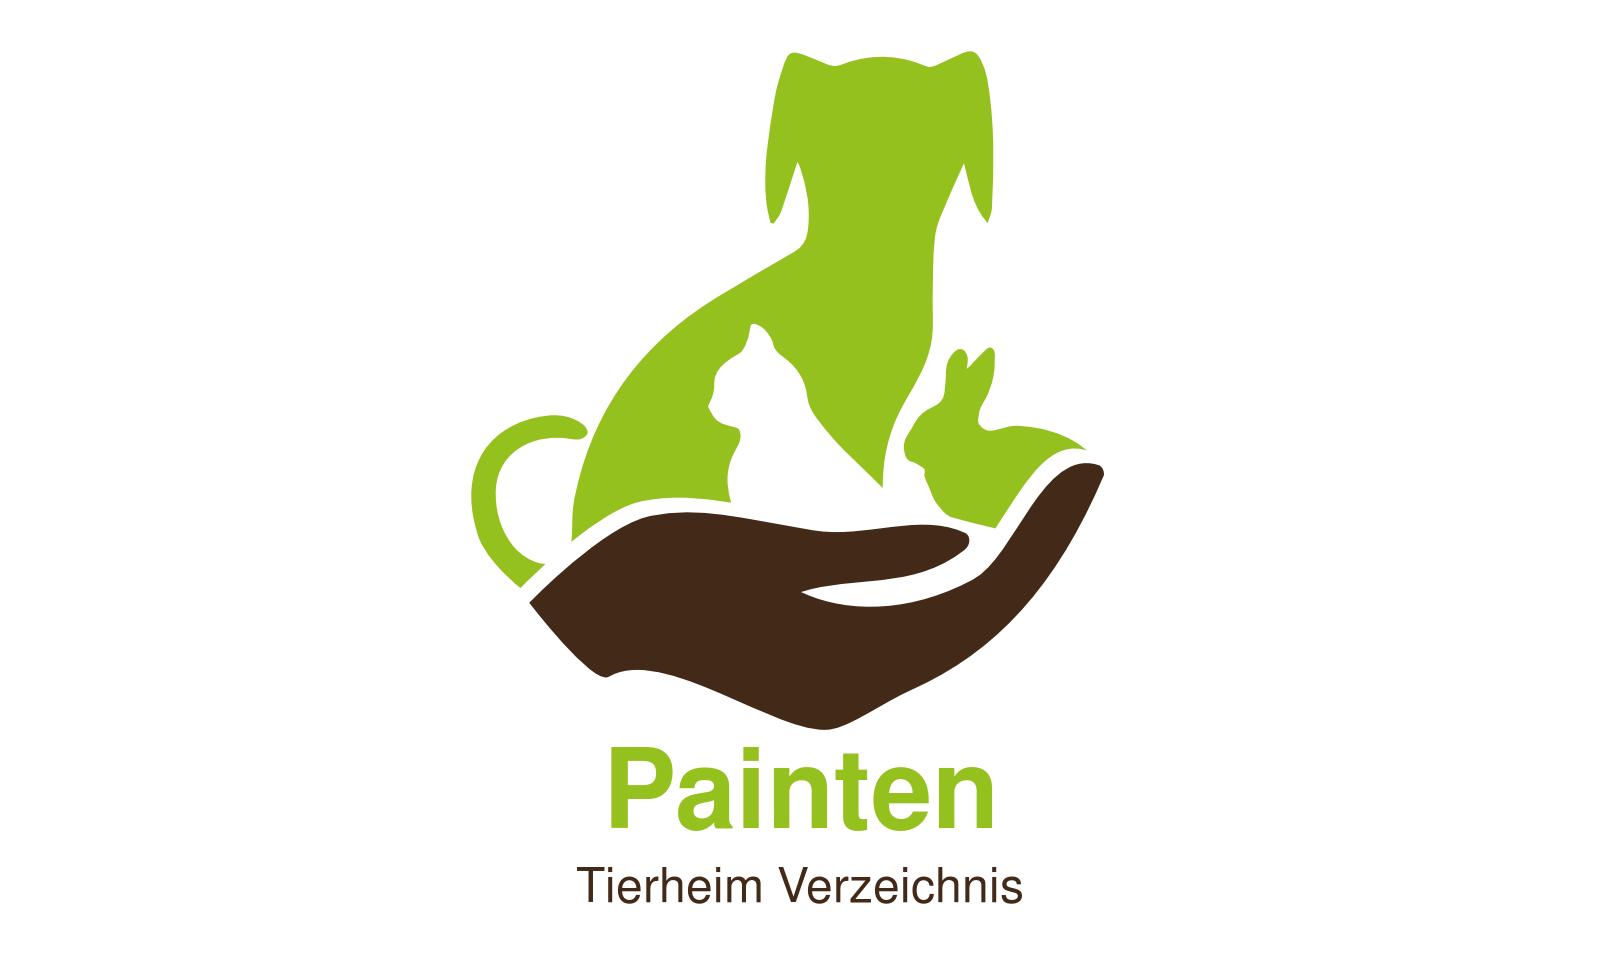 Tierheim Painten